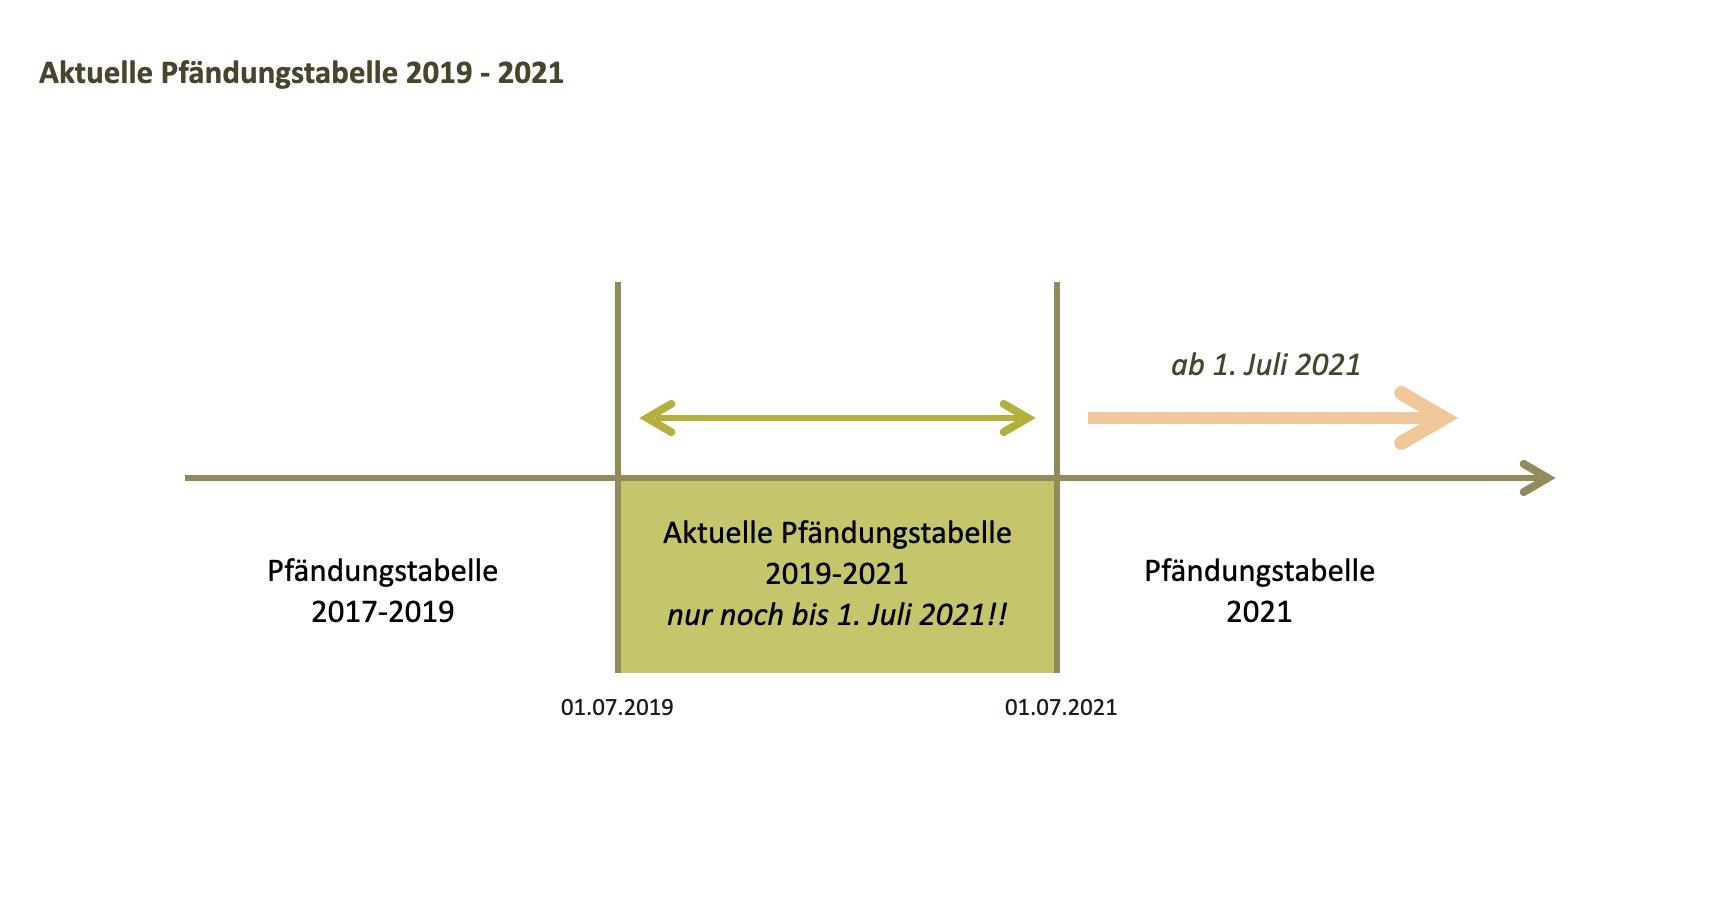 Pfändungstabelle 2021